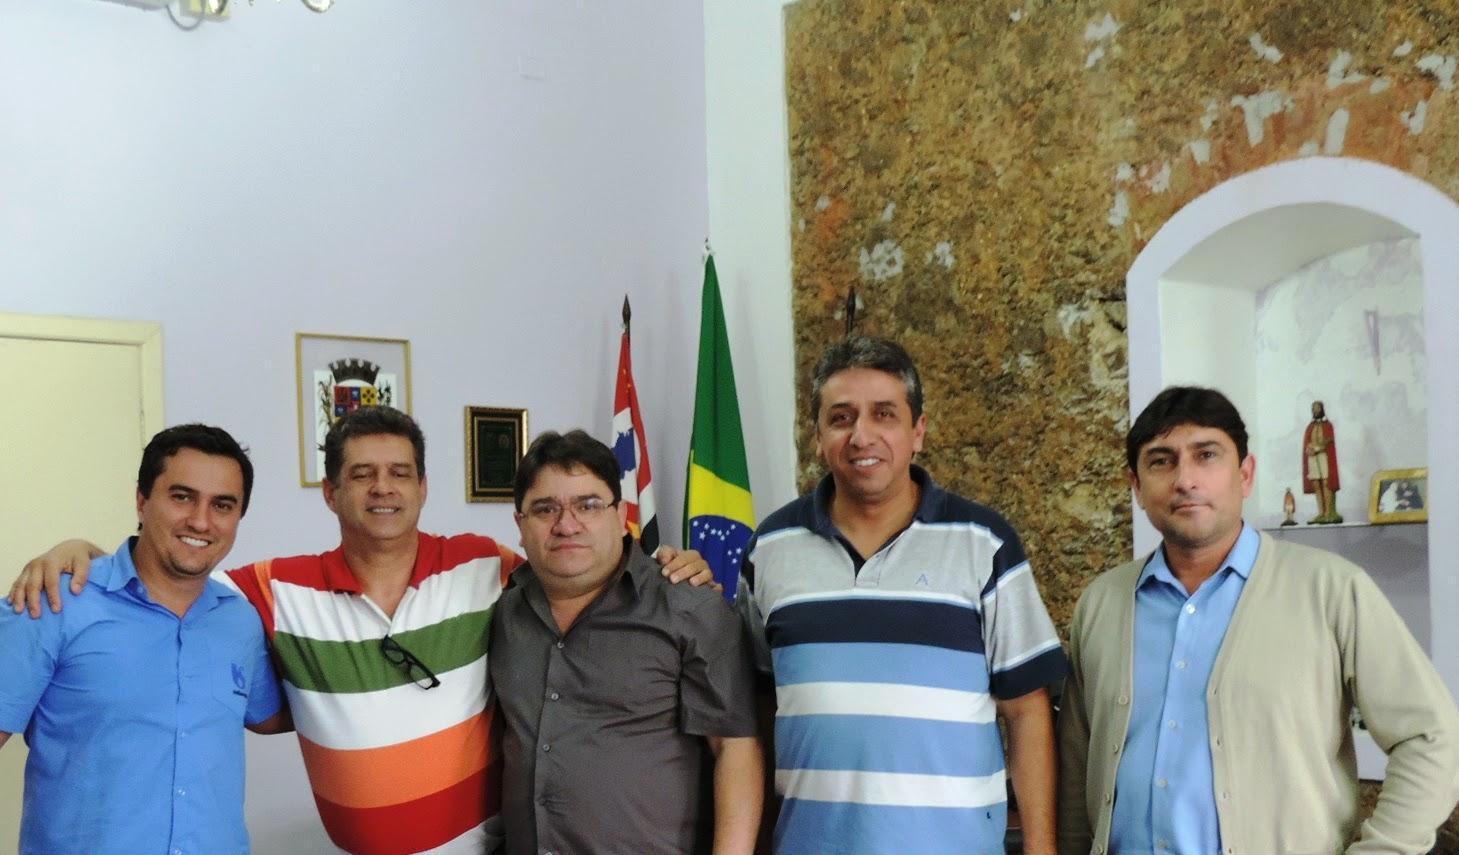 Prefeito recebe a visita do superintendente regional da Sabesp